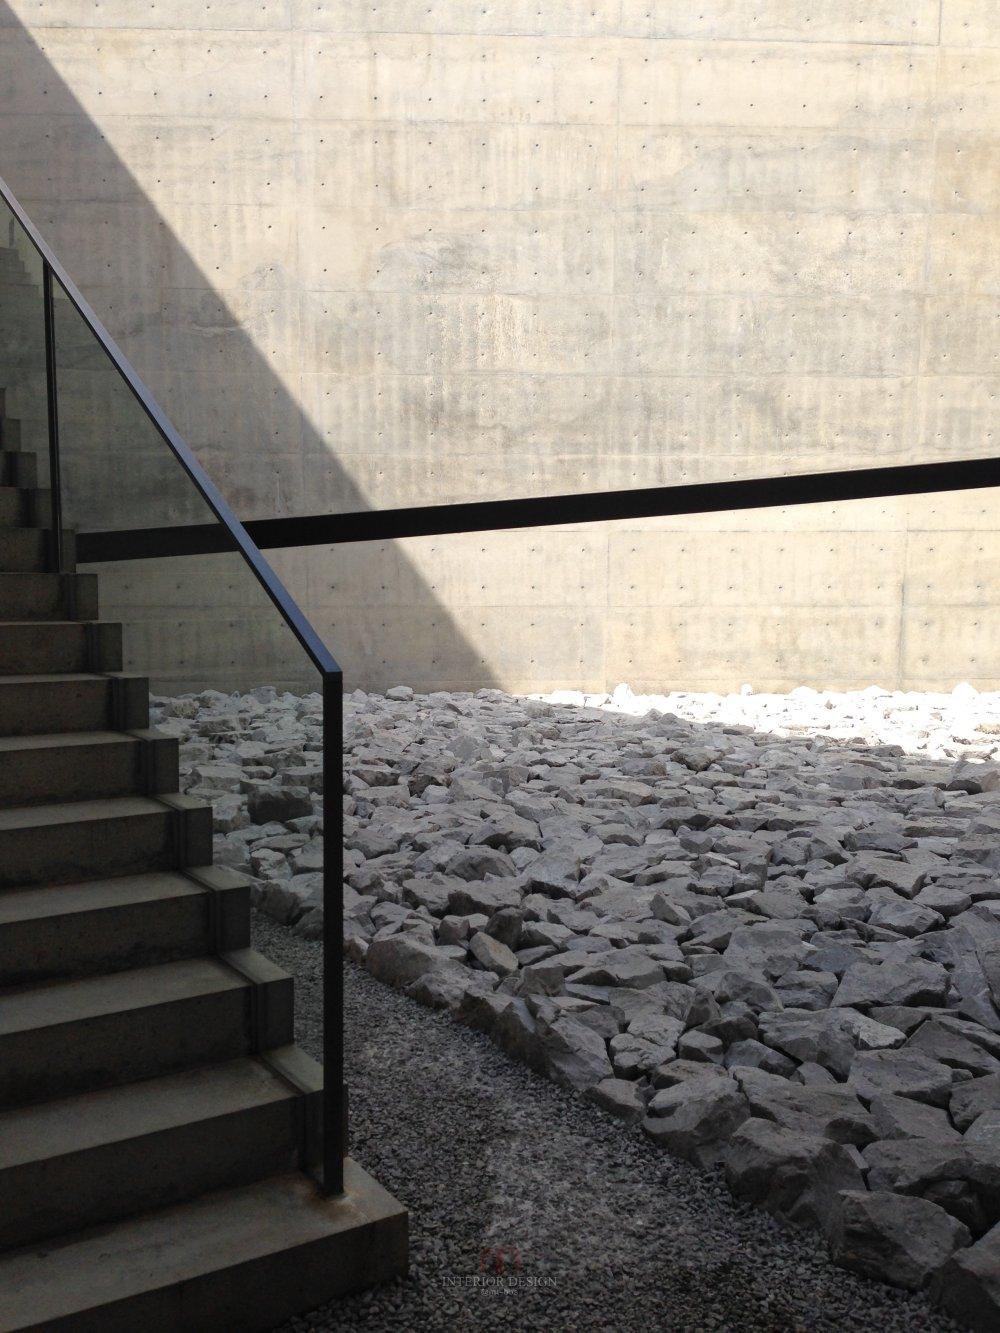 #伙伴一起看日本#  日本设计考察分享(更新美秀美术馆)_IMG_5453.JPG